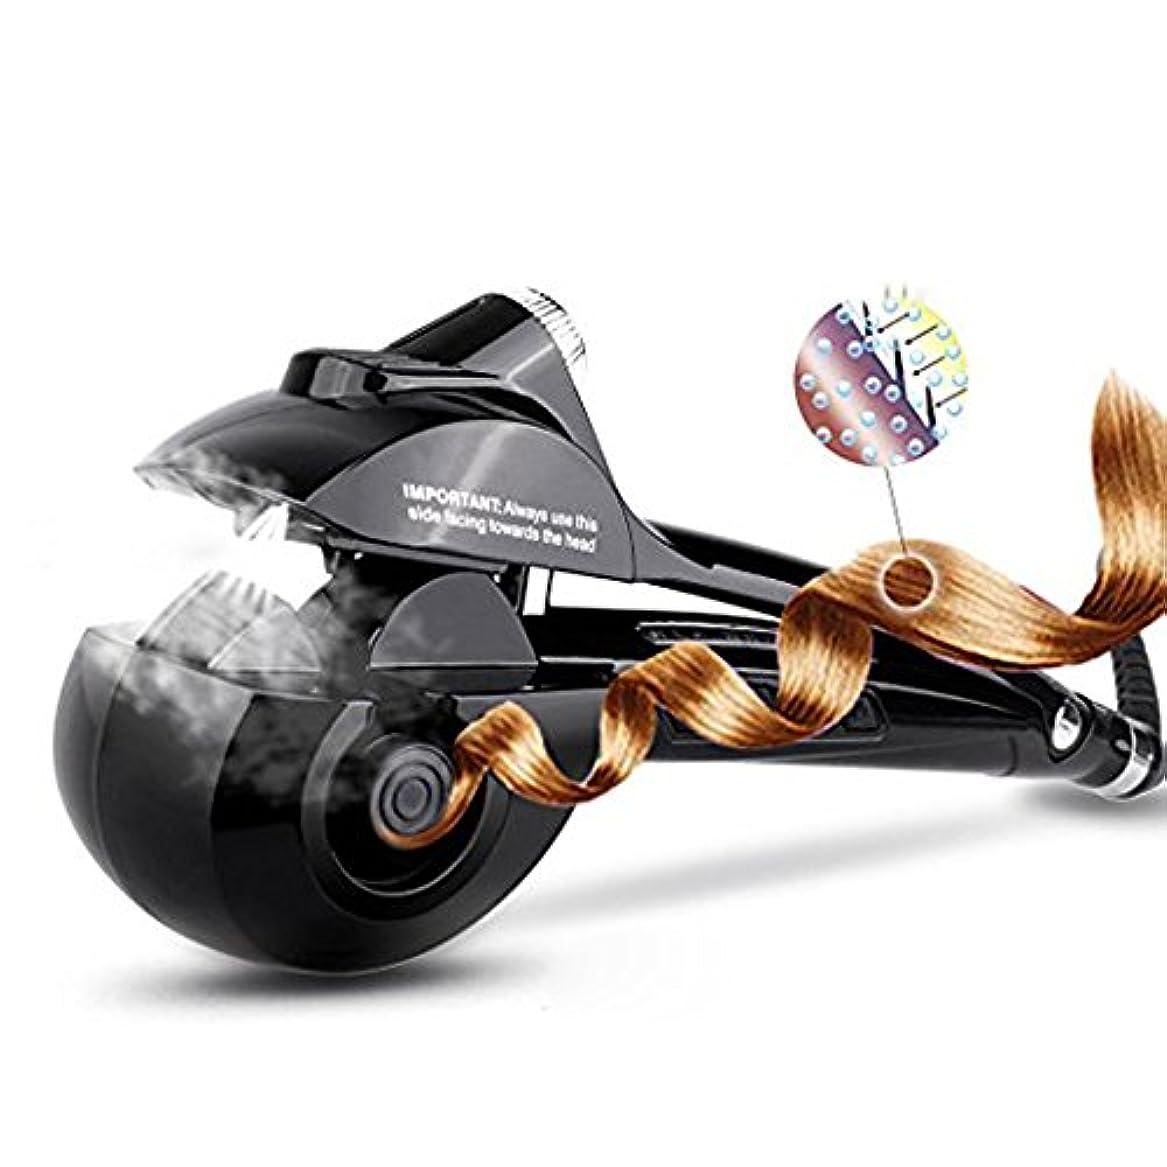 バトル黒板突然のオートカールアイロンREAK ヘアアイロン カール オートカールヘアアイロン スチームヘアアイロン アイロン蒸気 8秒自動巻き 自動巻きヘアアイロン スチーム機能 プロ仕様 海外対応 日本語説明書付き (黒)